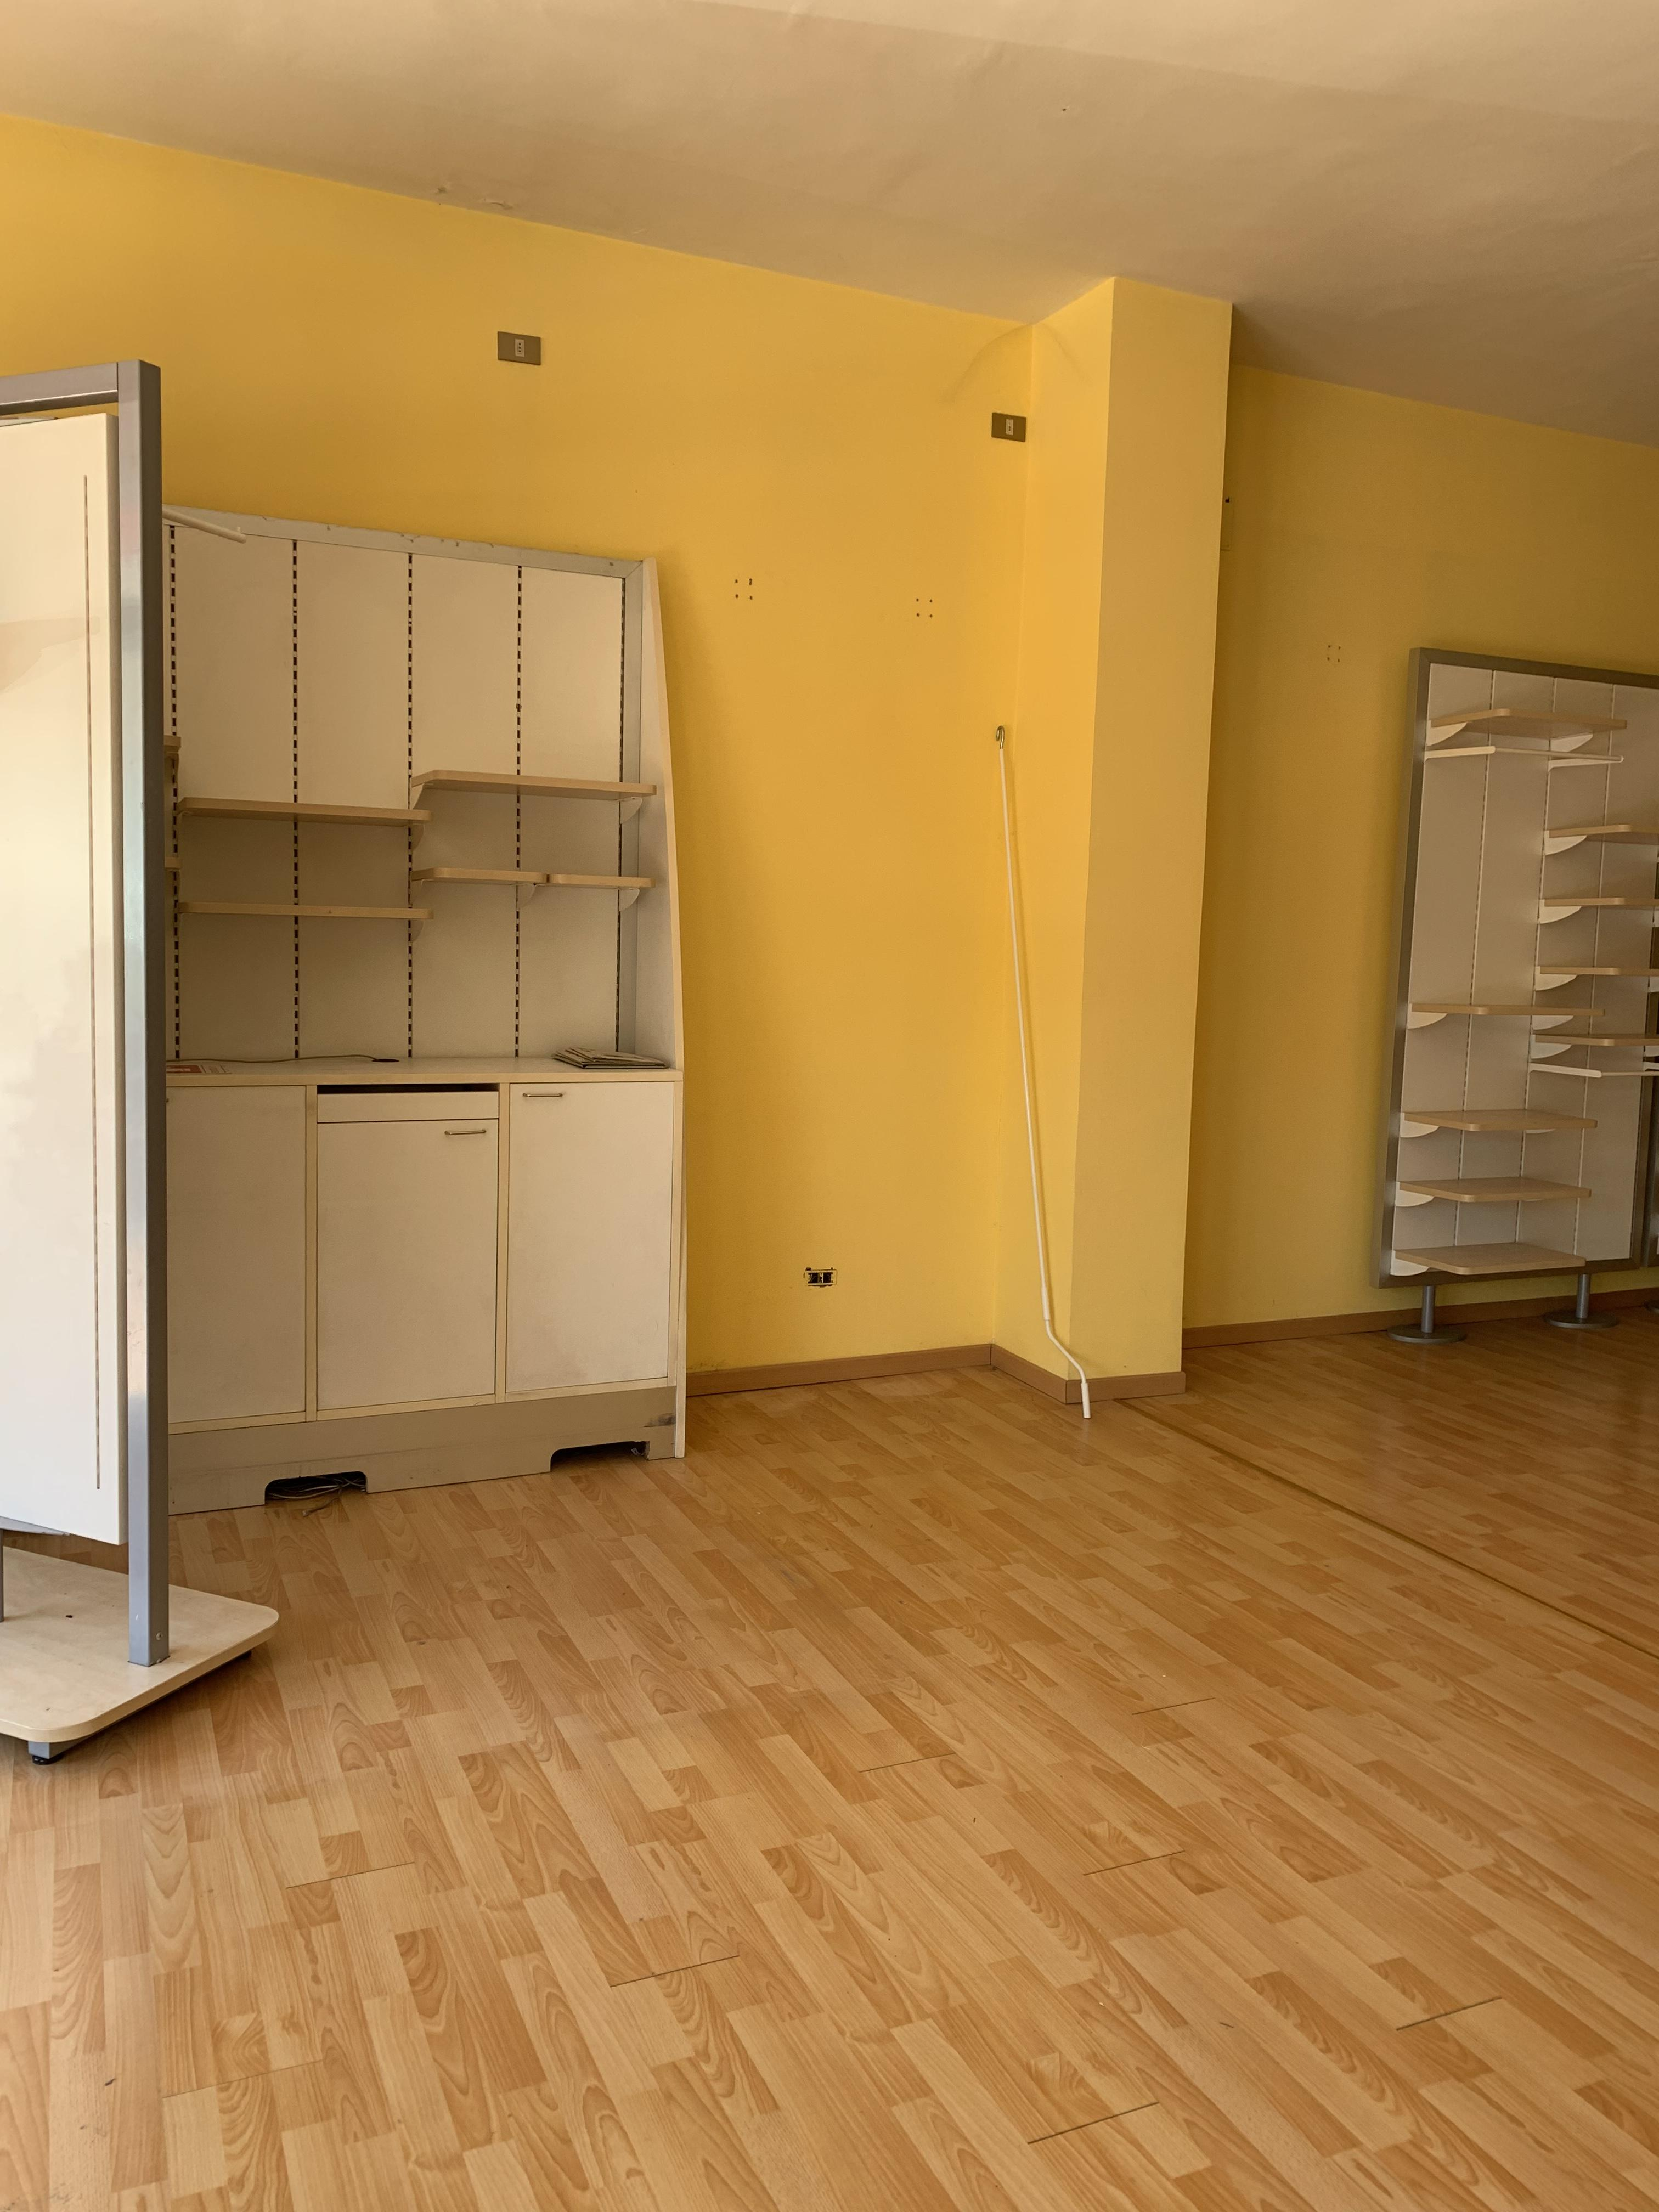 VIALE ADUA,PISTOIA,51100,2 Bedrooms Bedrooms,1 BagnoBathrooms,Locale commerciale,VIALE ADUA,1222